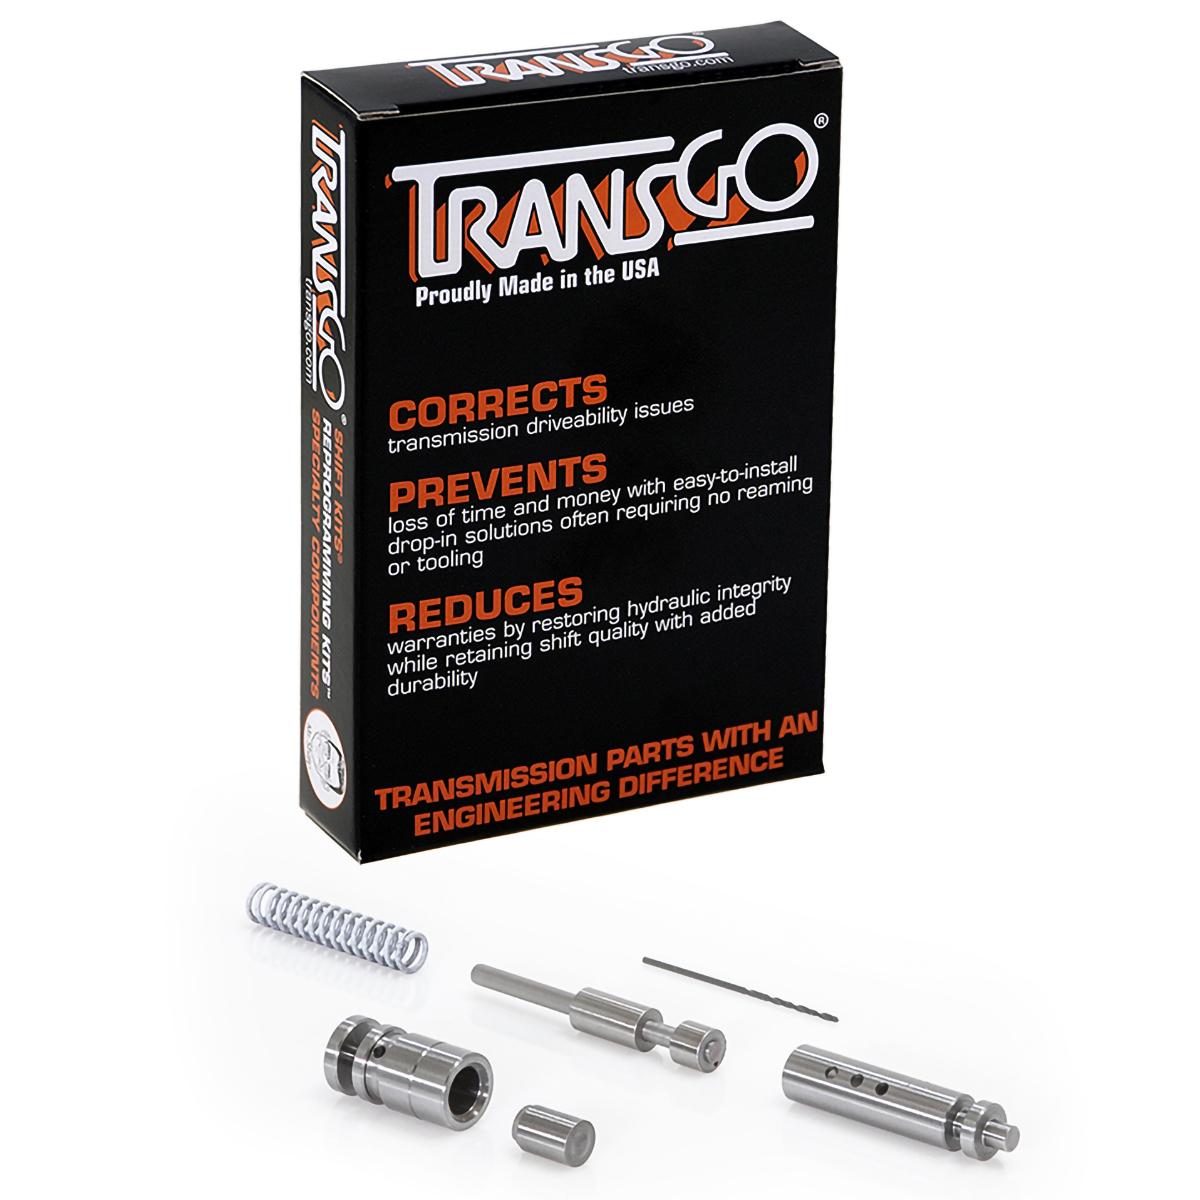 transgo.com